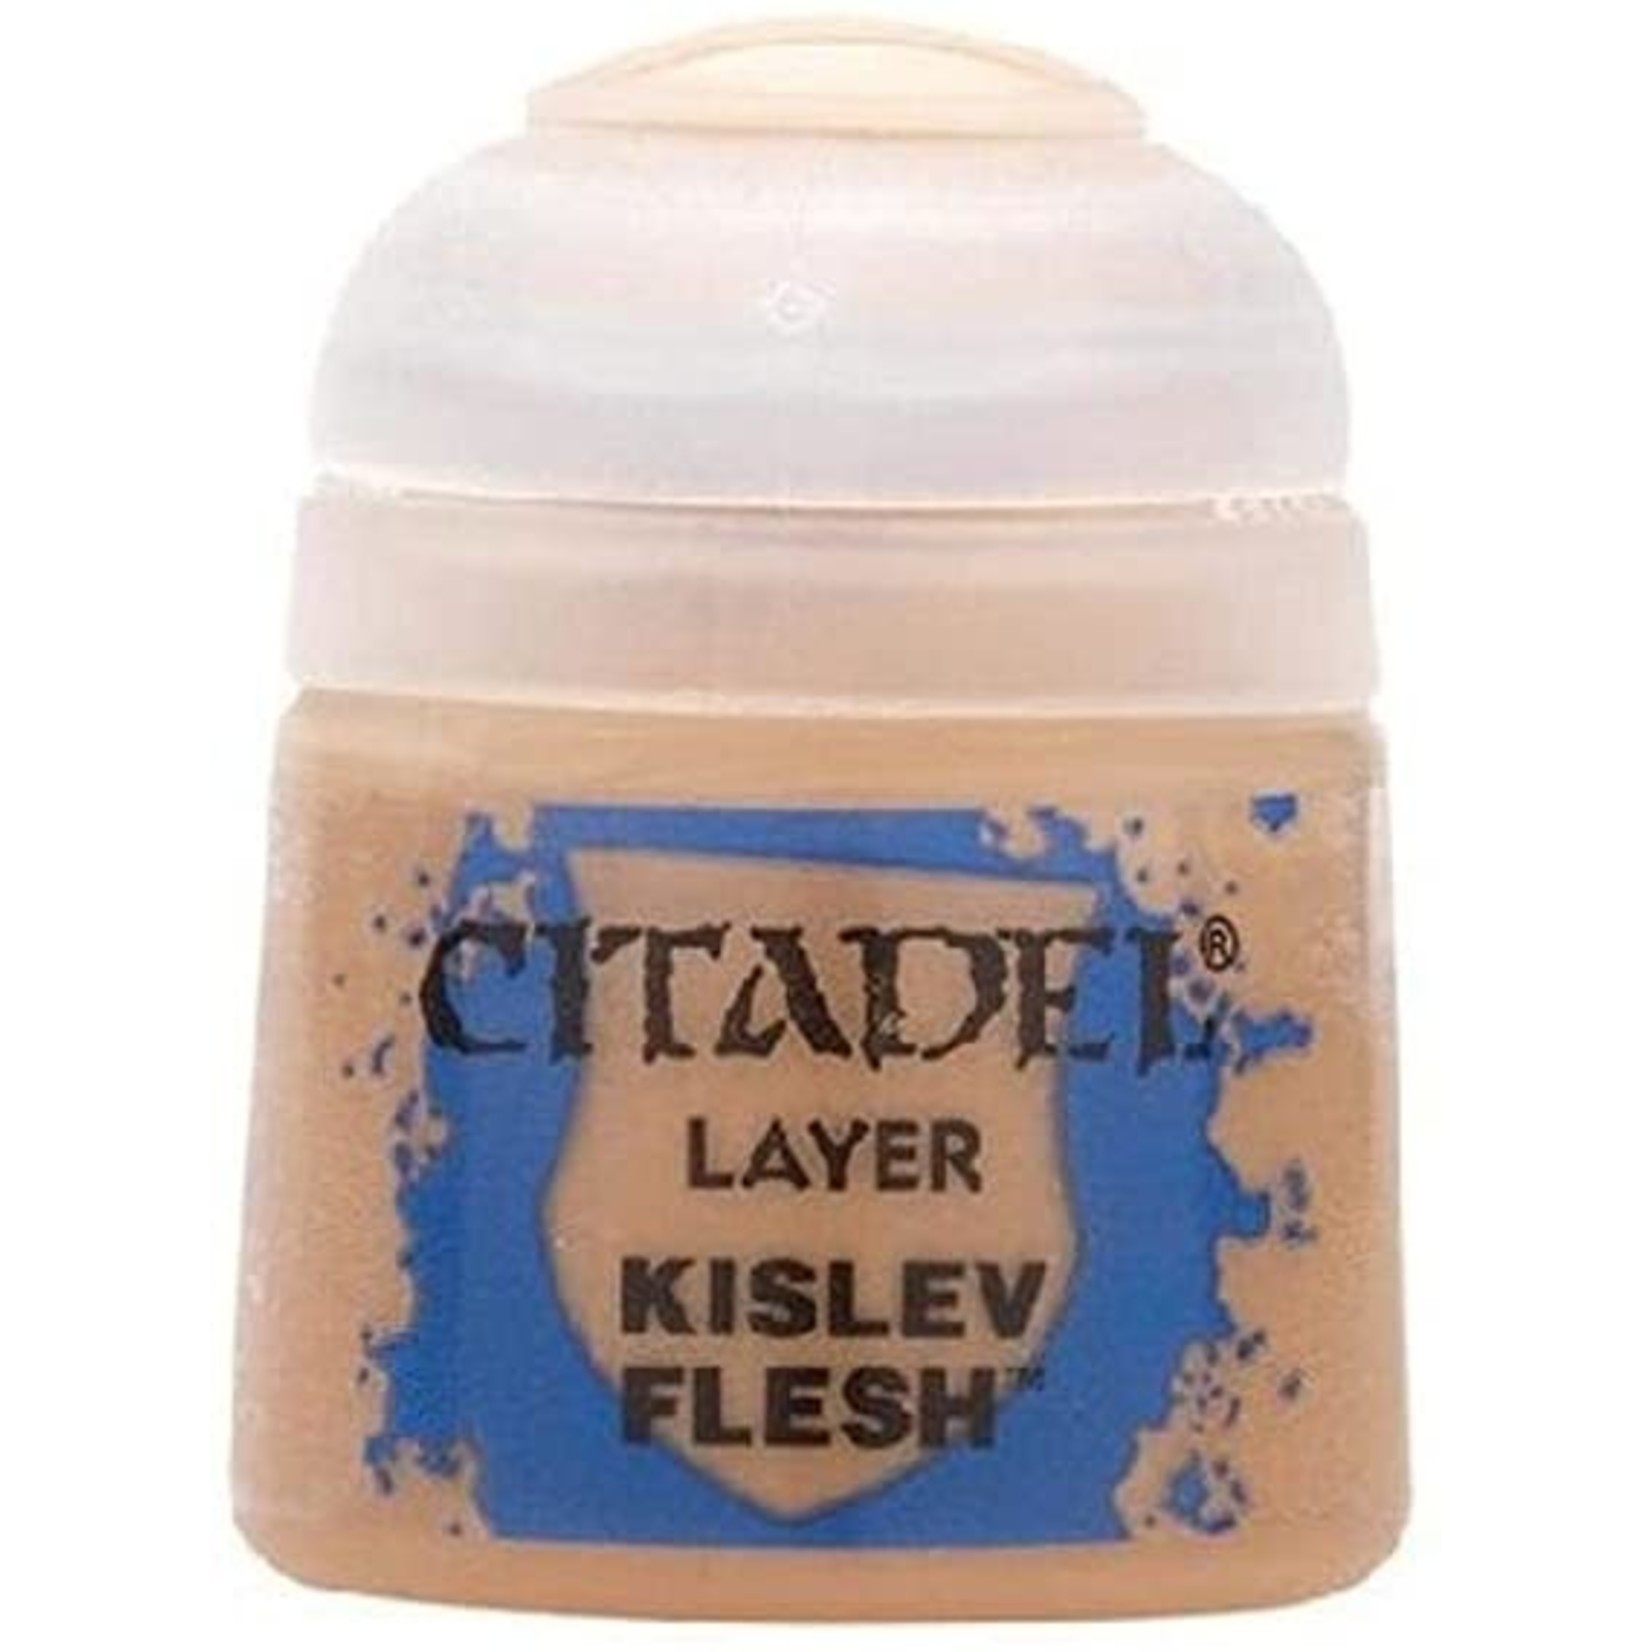 Games Workshop Citadel Paint: Kislev Flesh 12ml